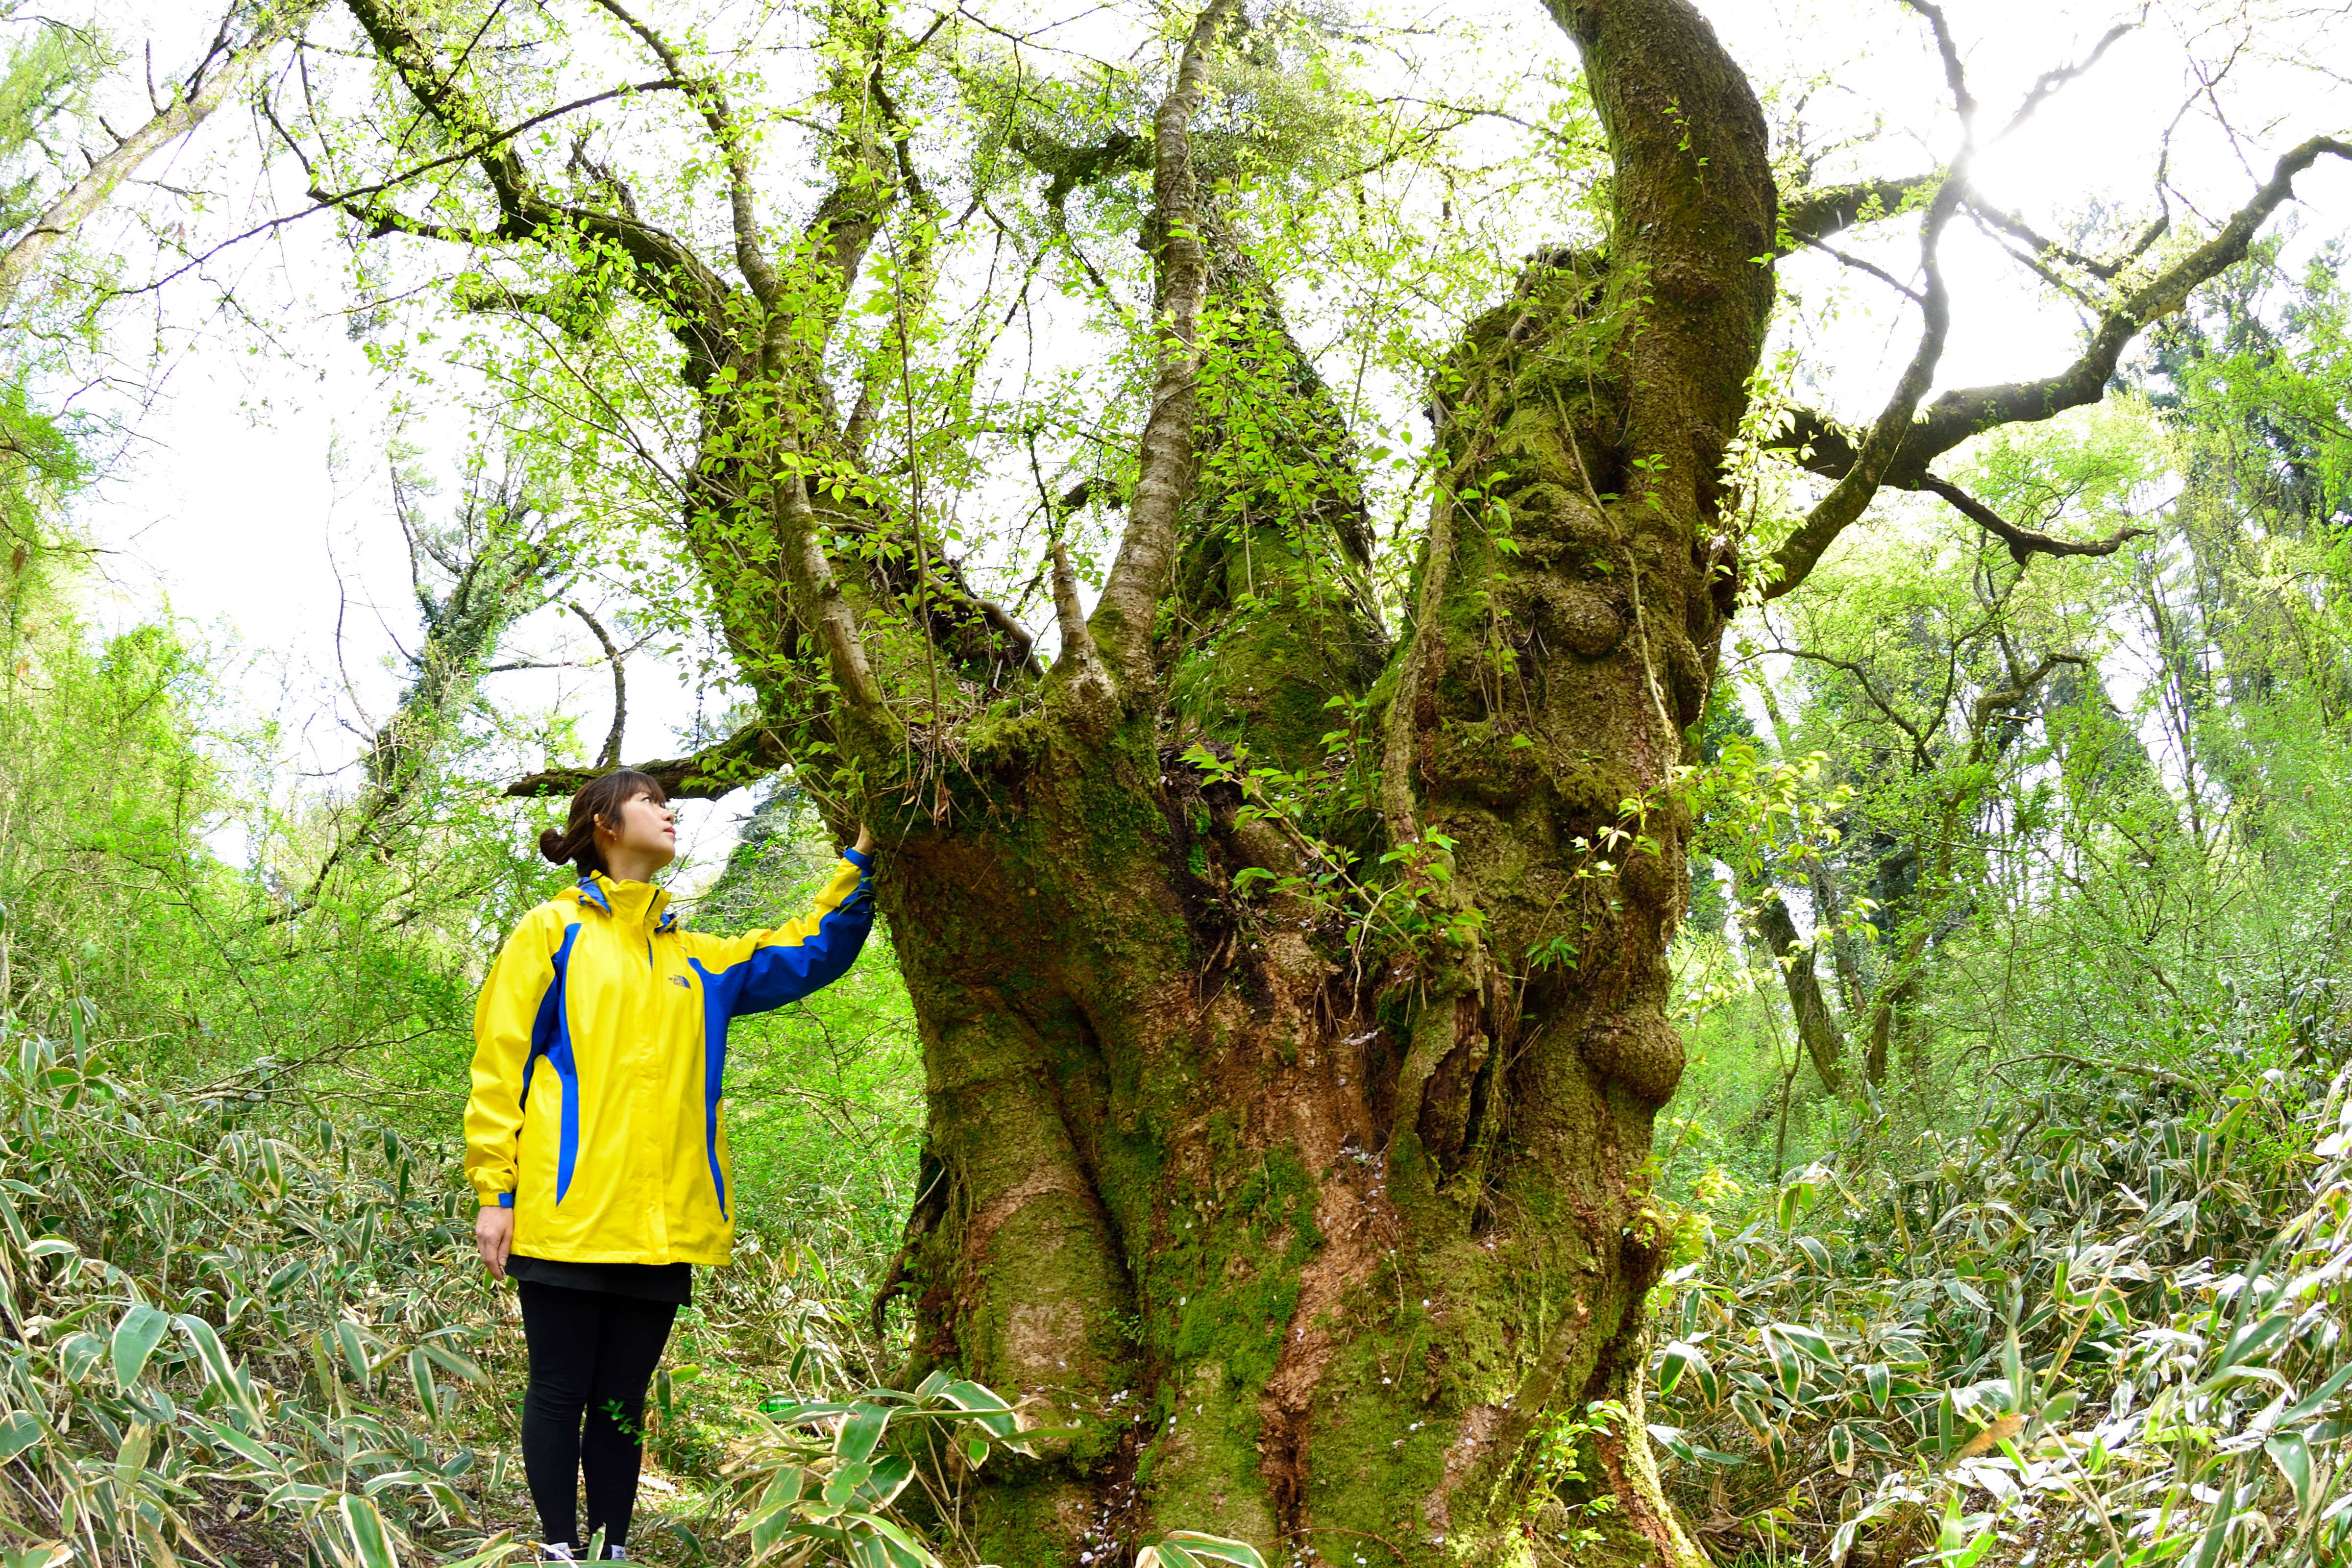 265살, 자생 왕벚나무 중 최고령 나무 발견 이미지3